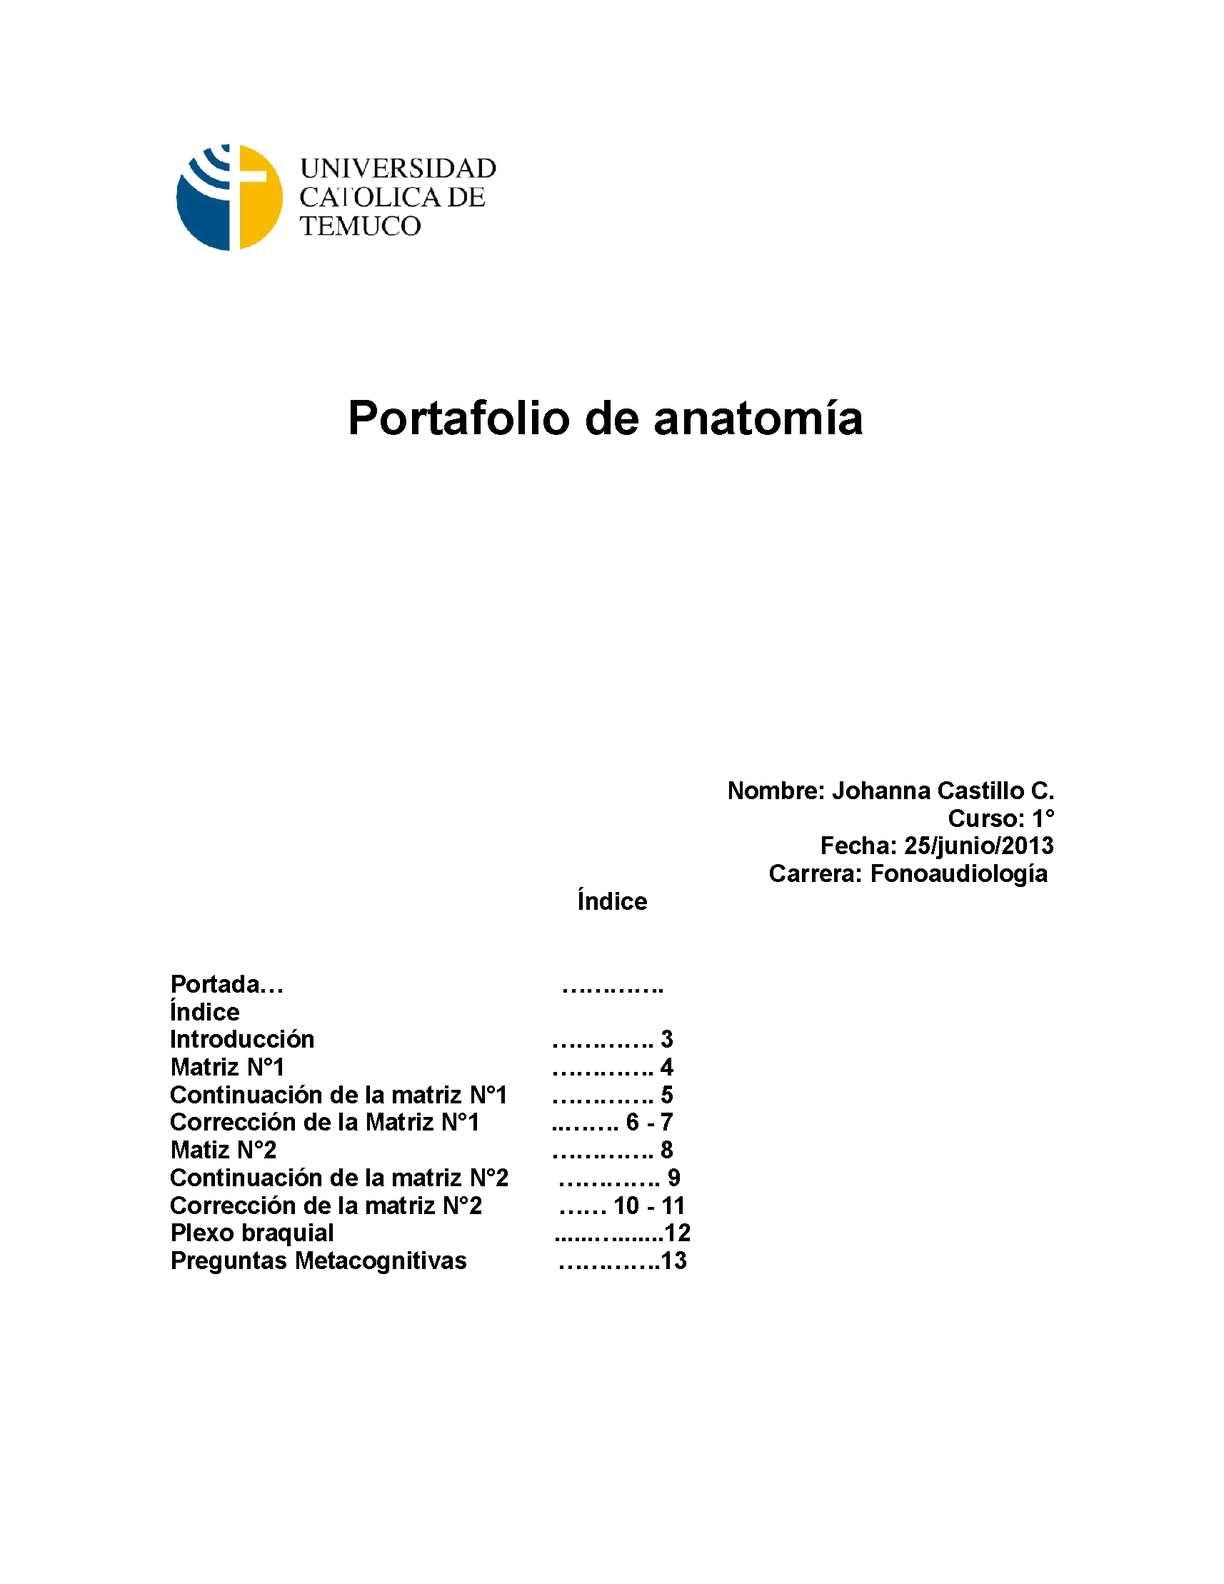 Calaméo - Portafolio de Anatomía